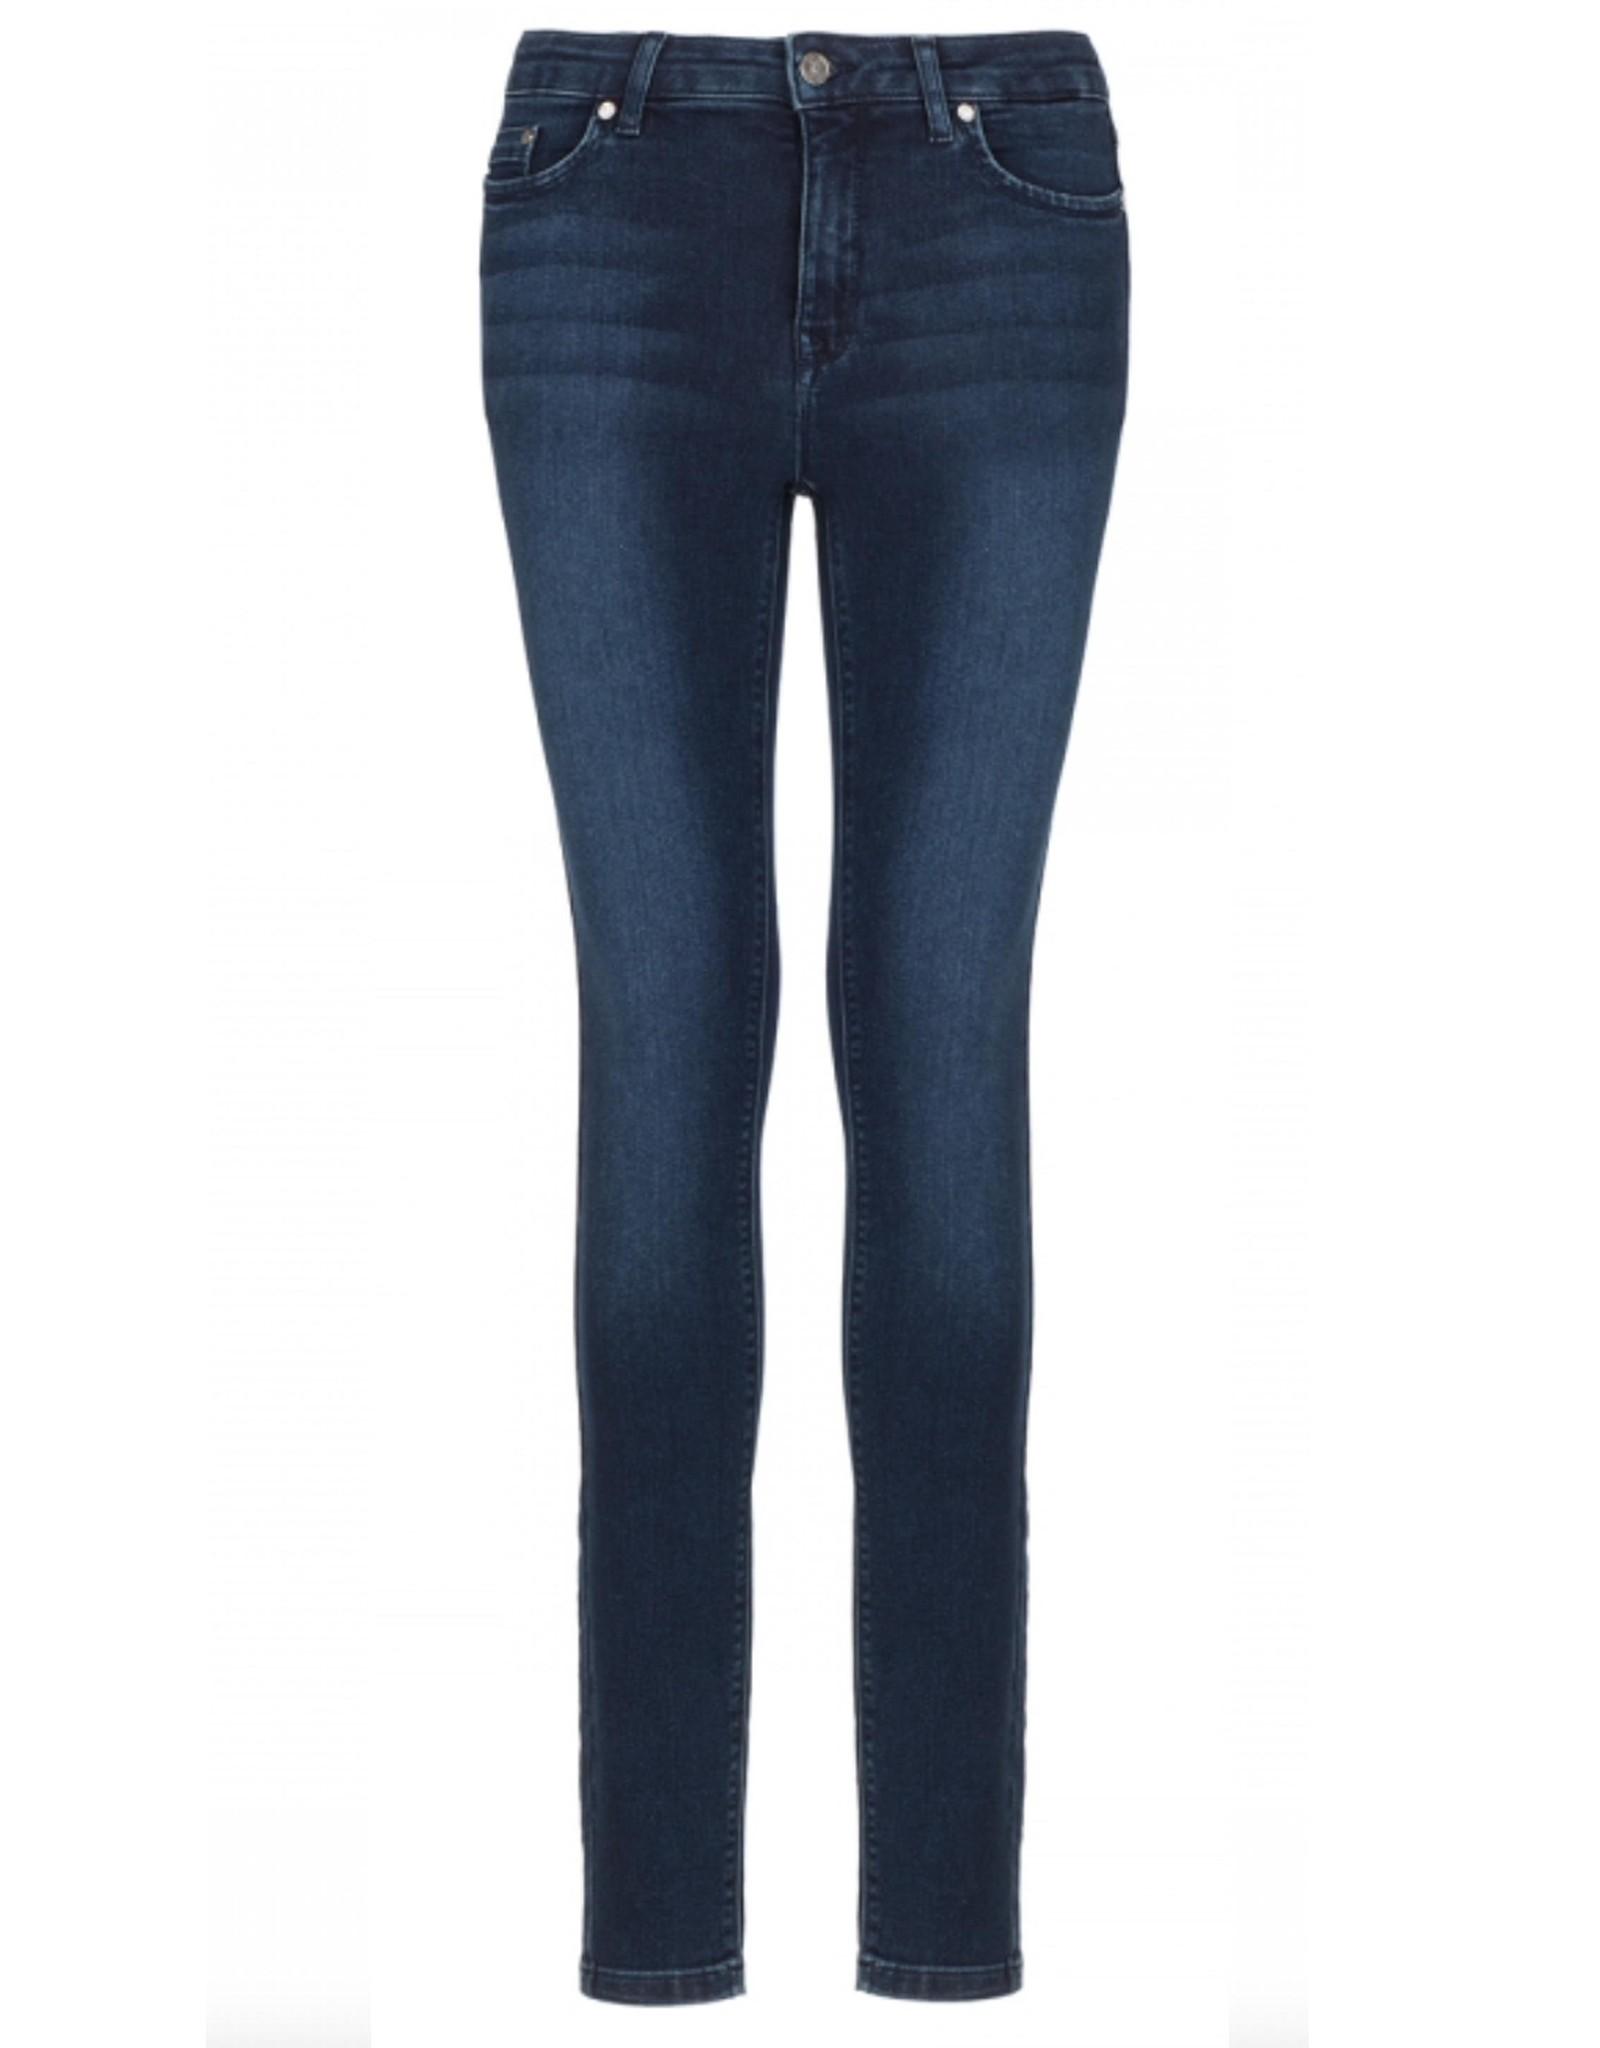 Nickjean Broek Kathy Jeans blue